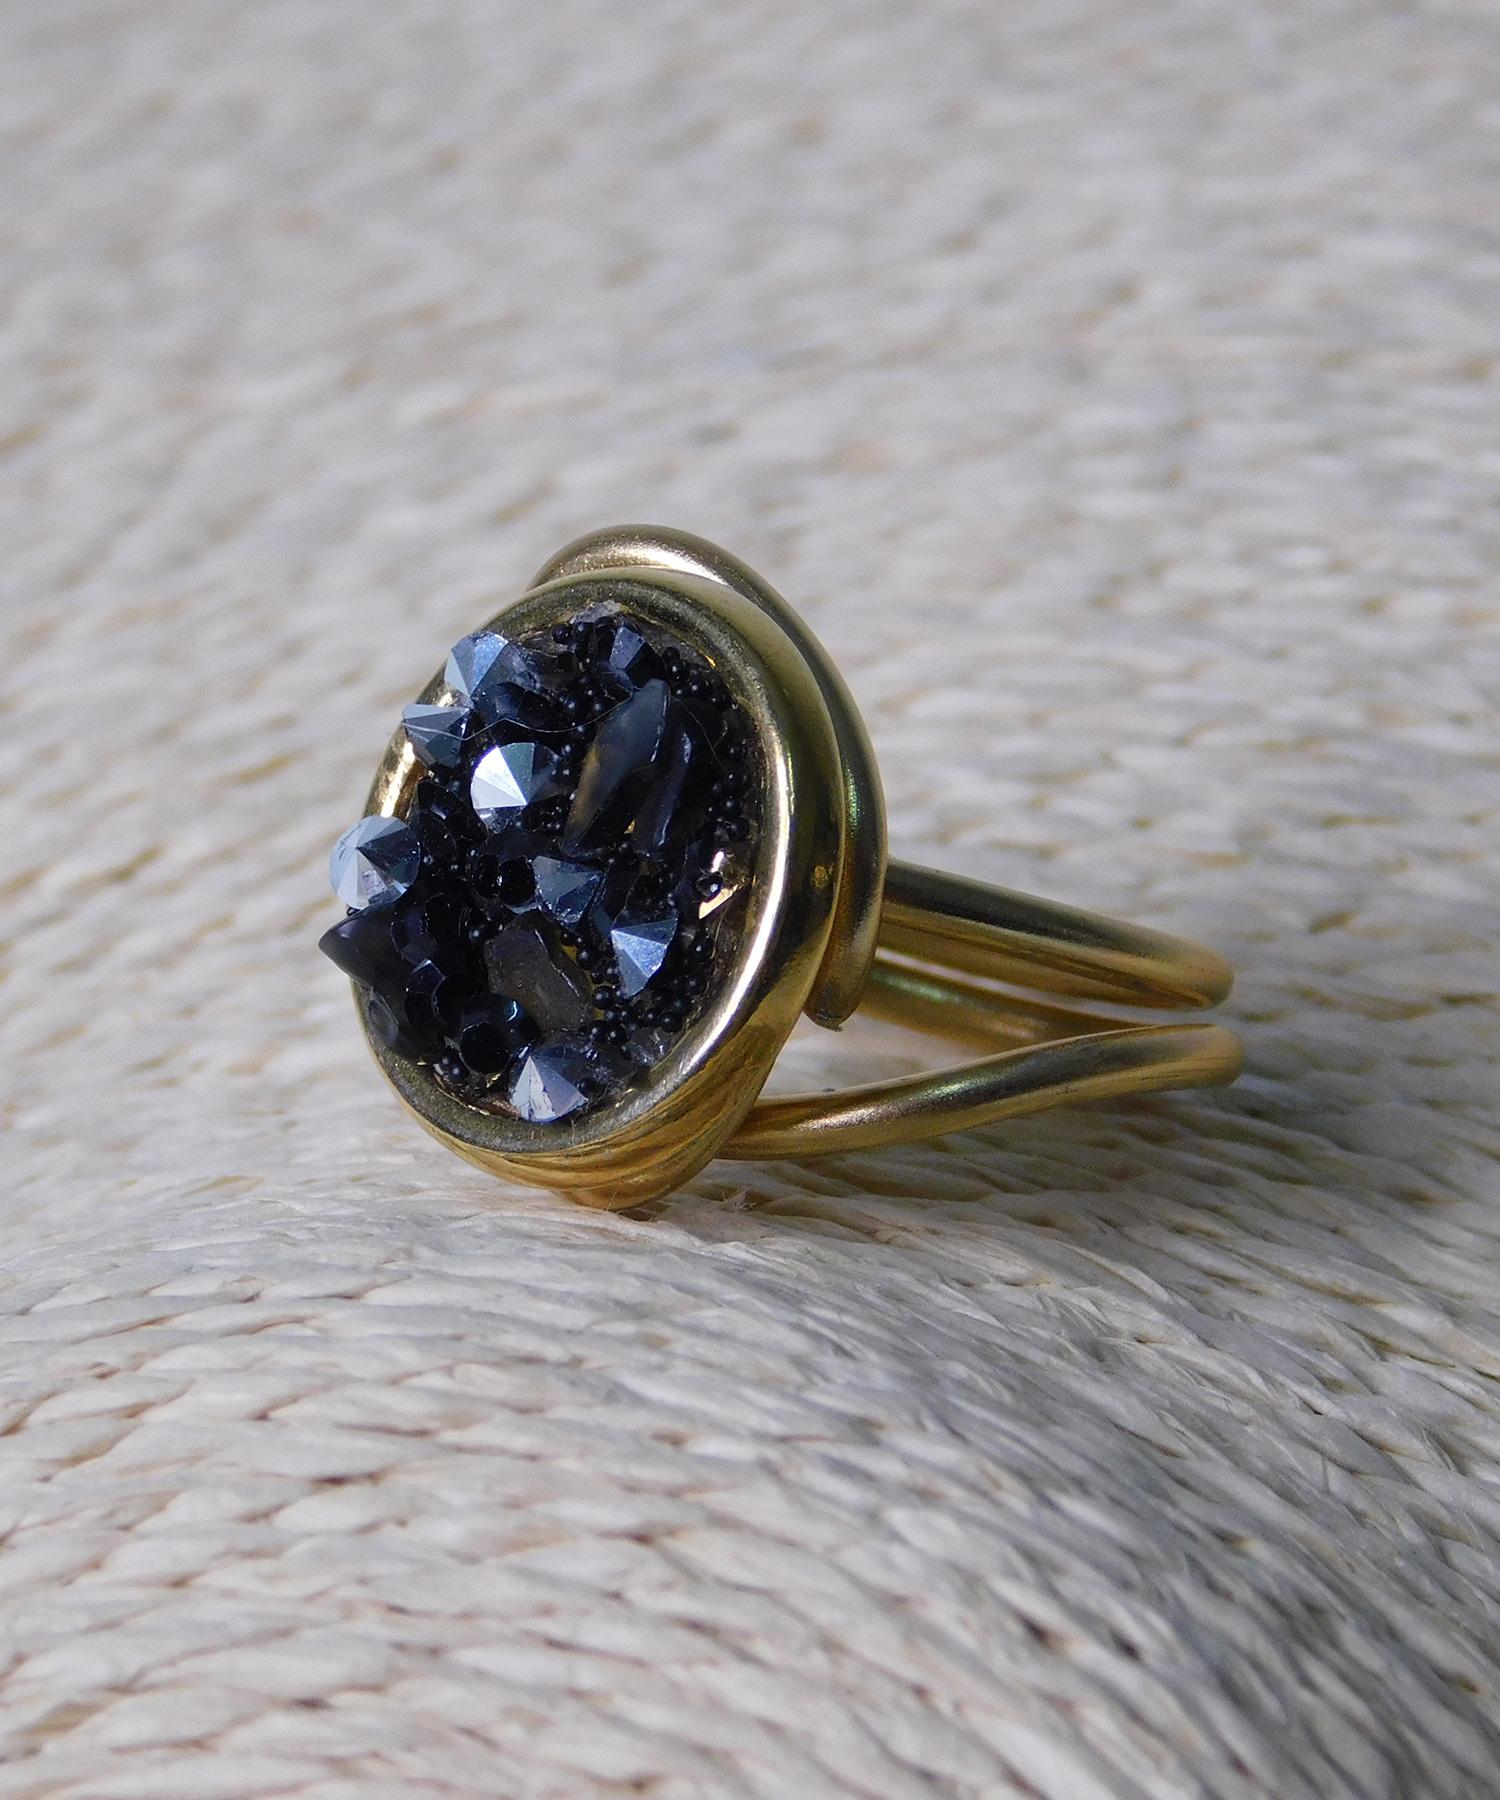 Δαχτυλίδι Στρόγγυλο με Μαύρες Πέτρες